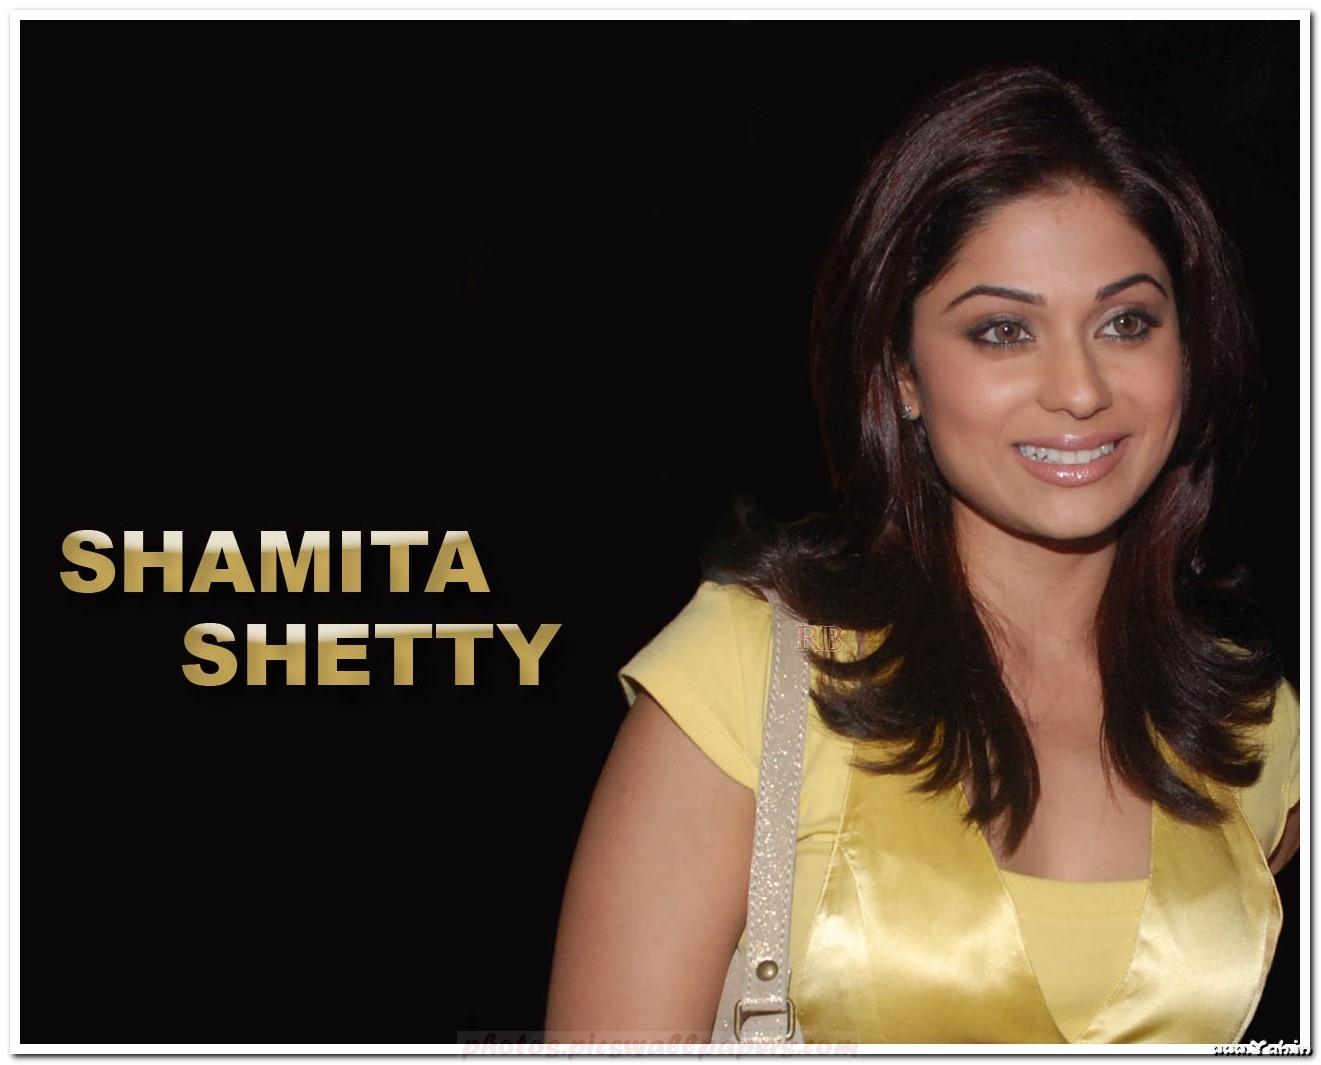 Shetty Bollywood Actress Wallpapers SantaBanta Hungama Wallpapers 1321x1065